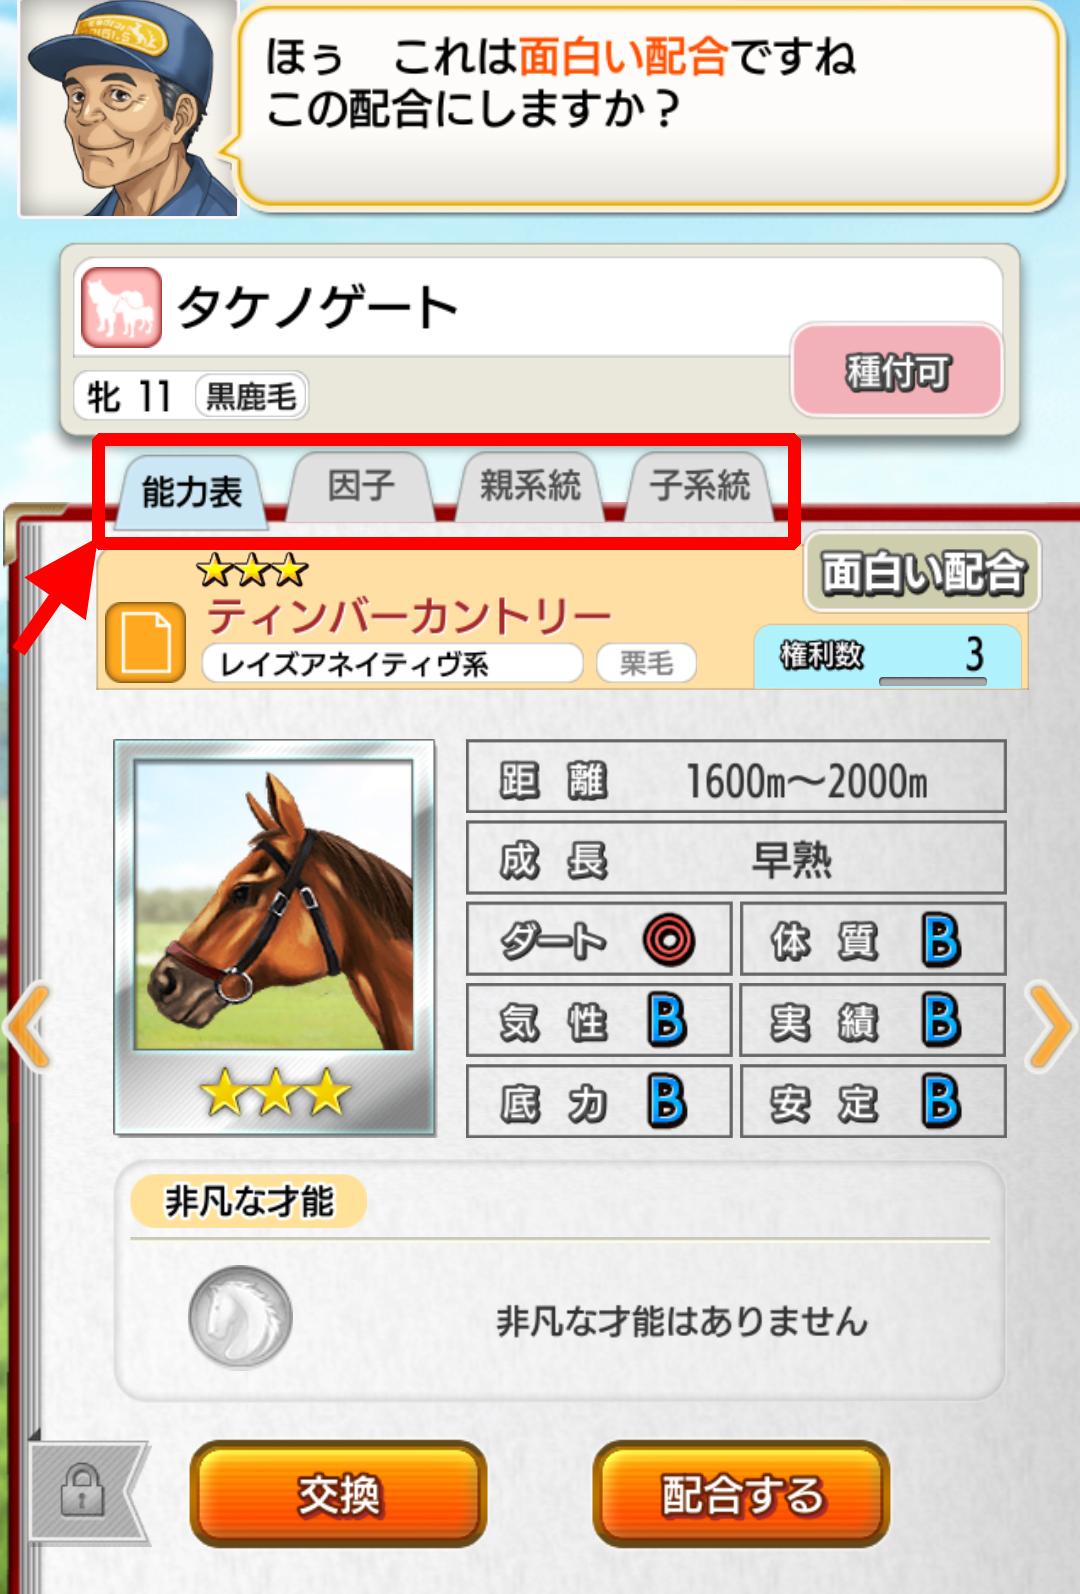 ダービースタリオン マスターズ【攻略】:配合の判断に役立つ種牡馬の情報を把握しよう!